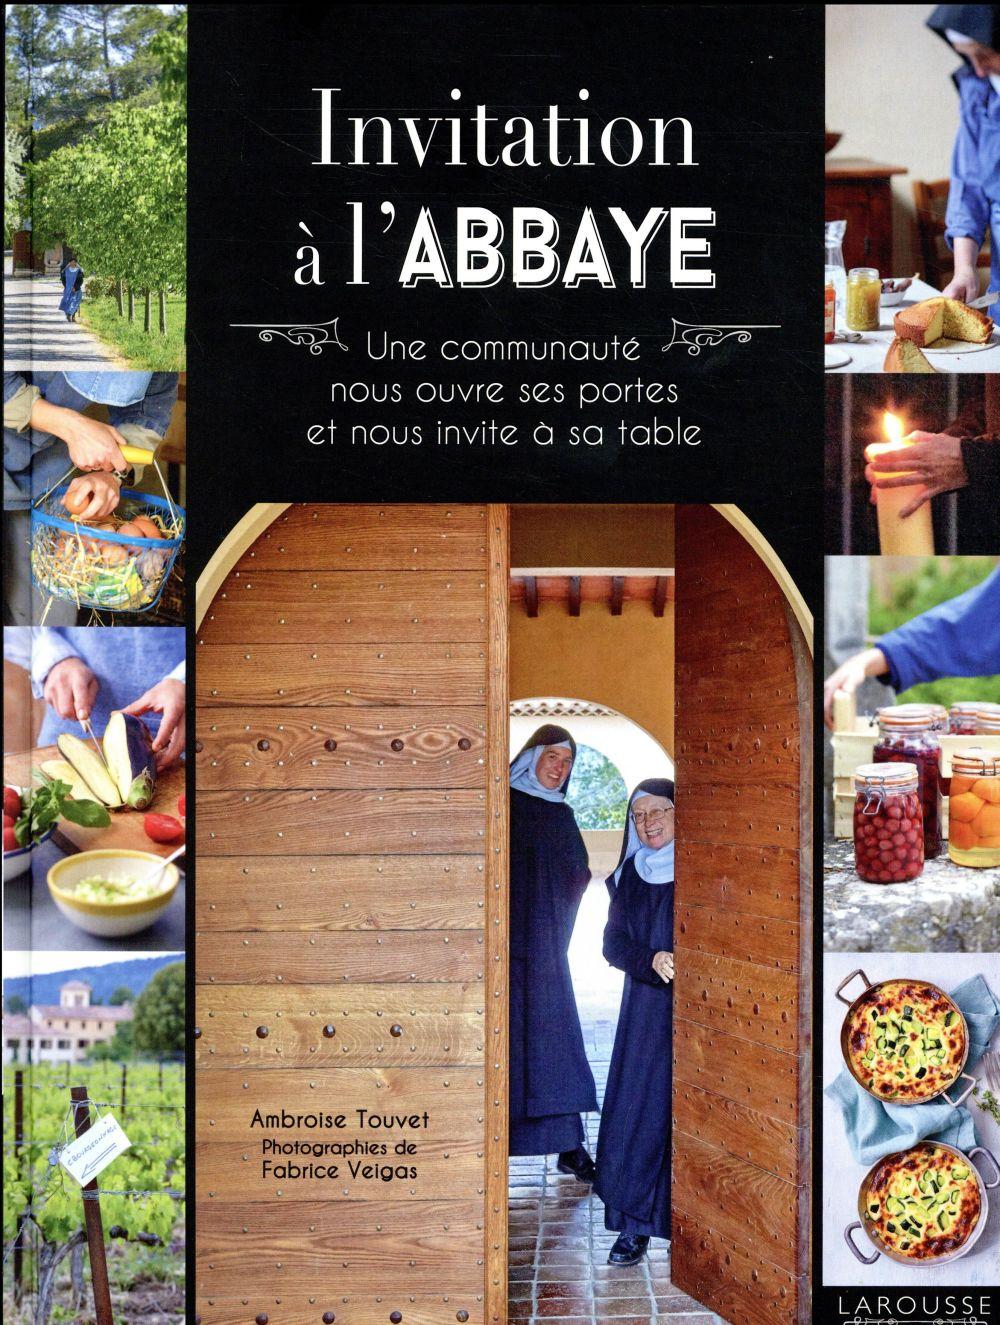 INVITATION A L'ABBAYE - UNE COMMUNAUTE NOUS OUVRE SES PORTES ET NOUS INVITE A SA TABLE